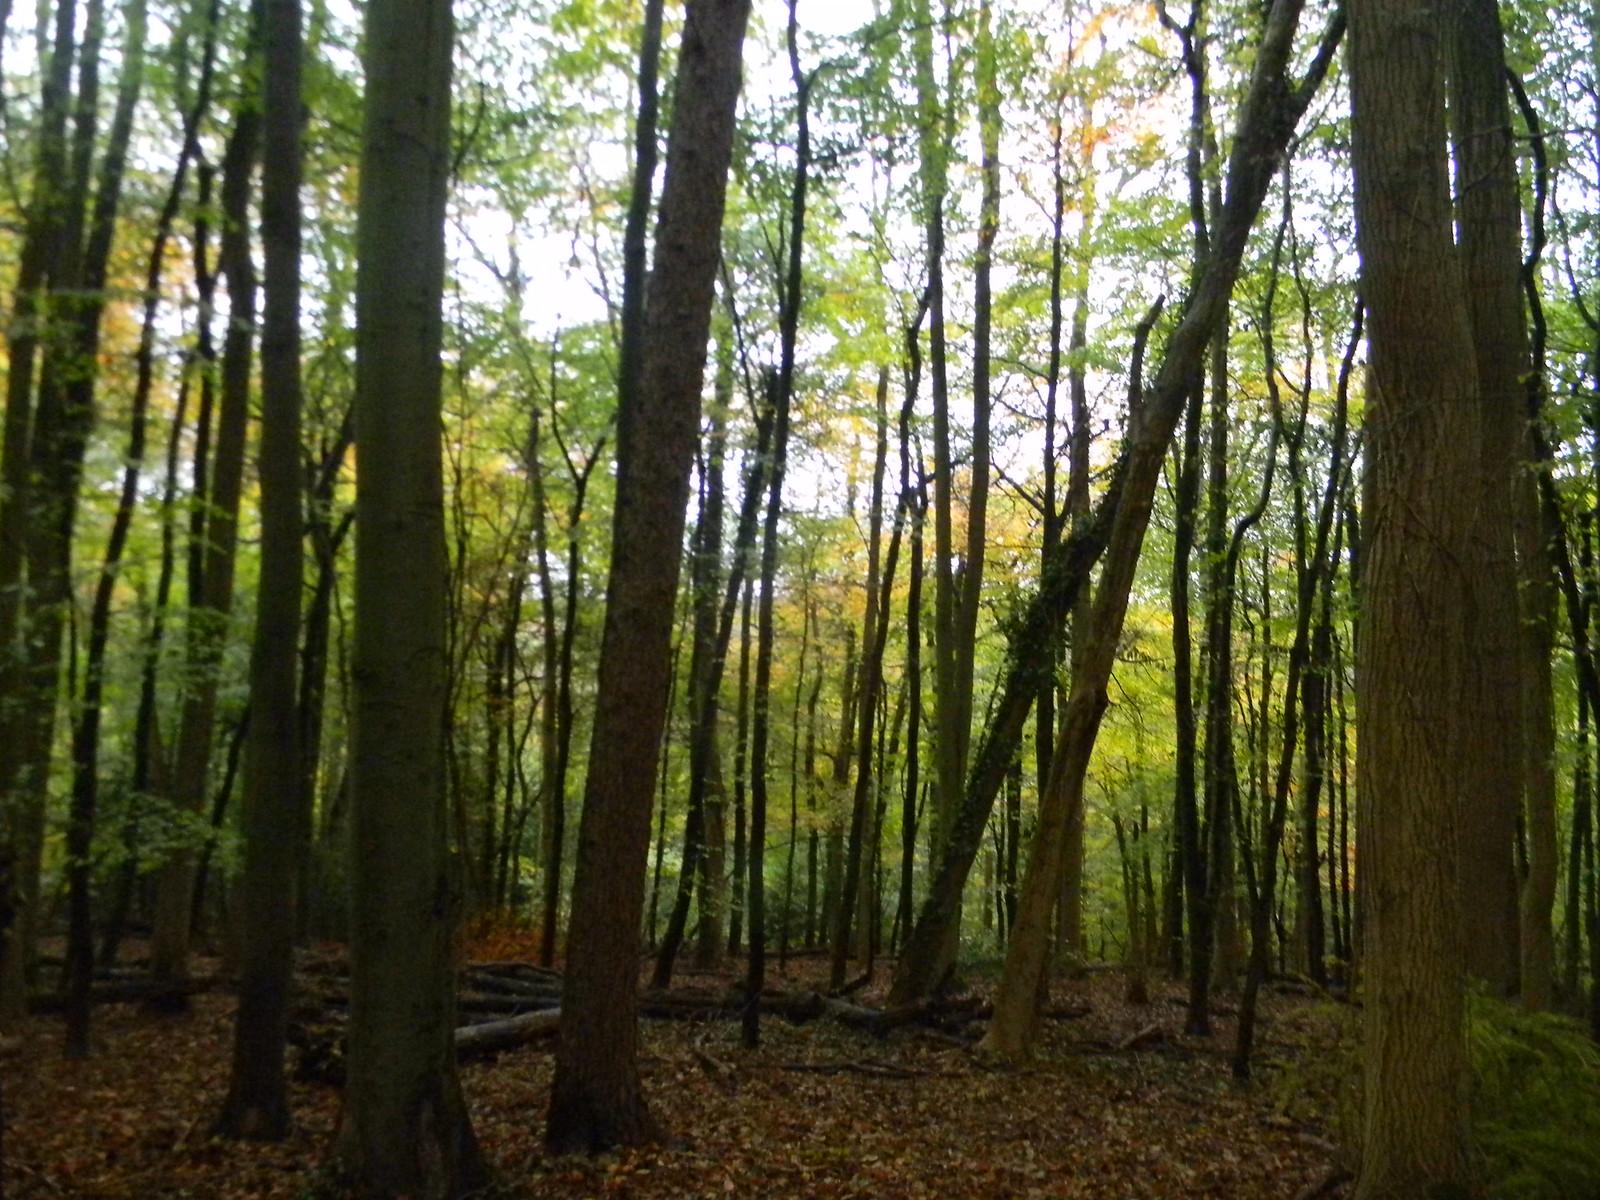 In the woods Chorleywood to Chesham